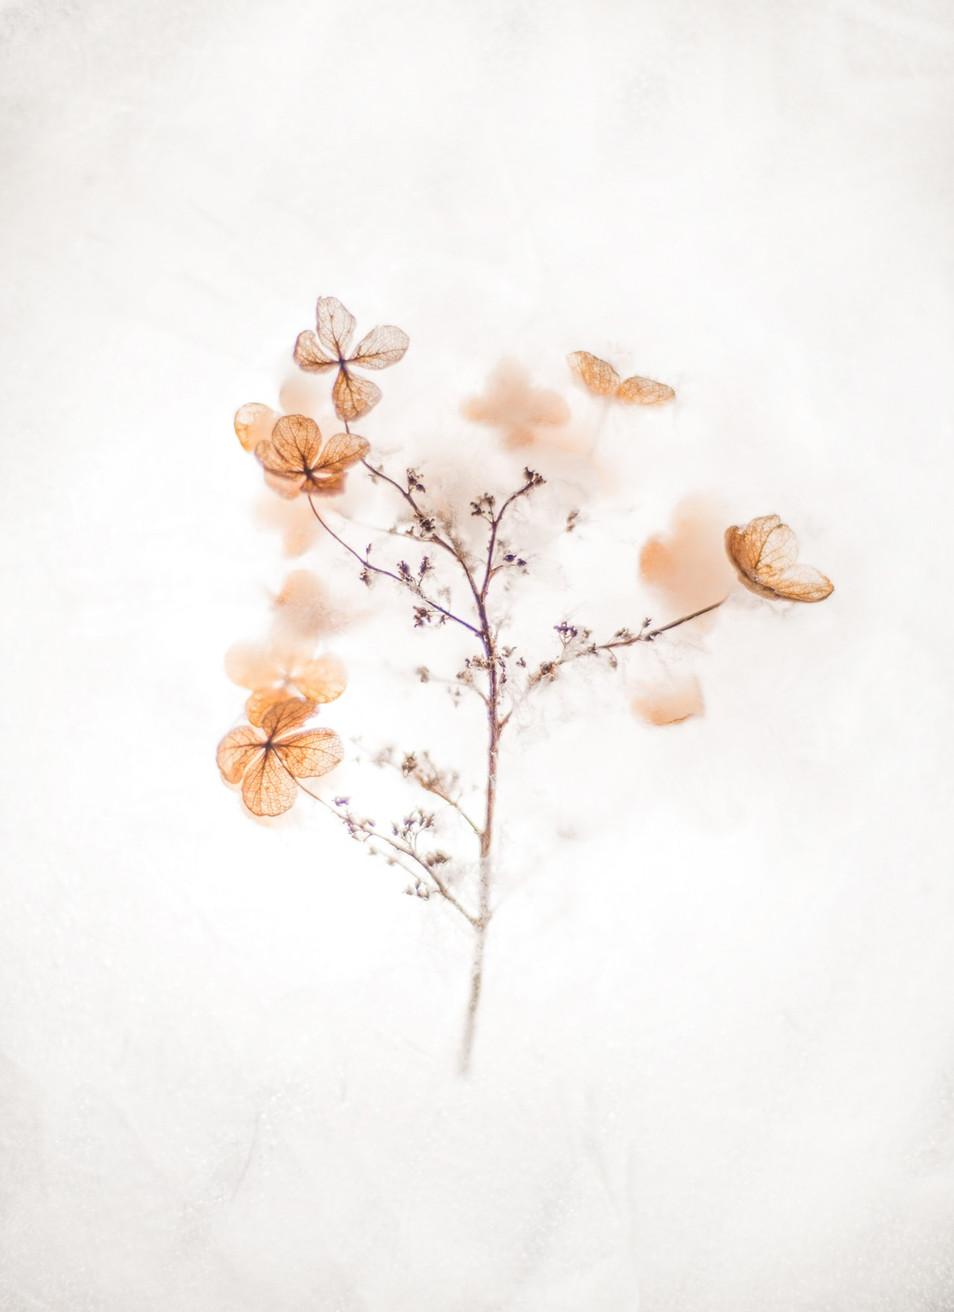 brown-4-petaled-flowers-2395255.jpg